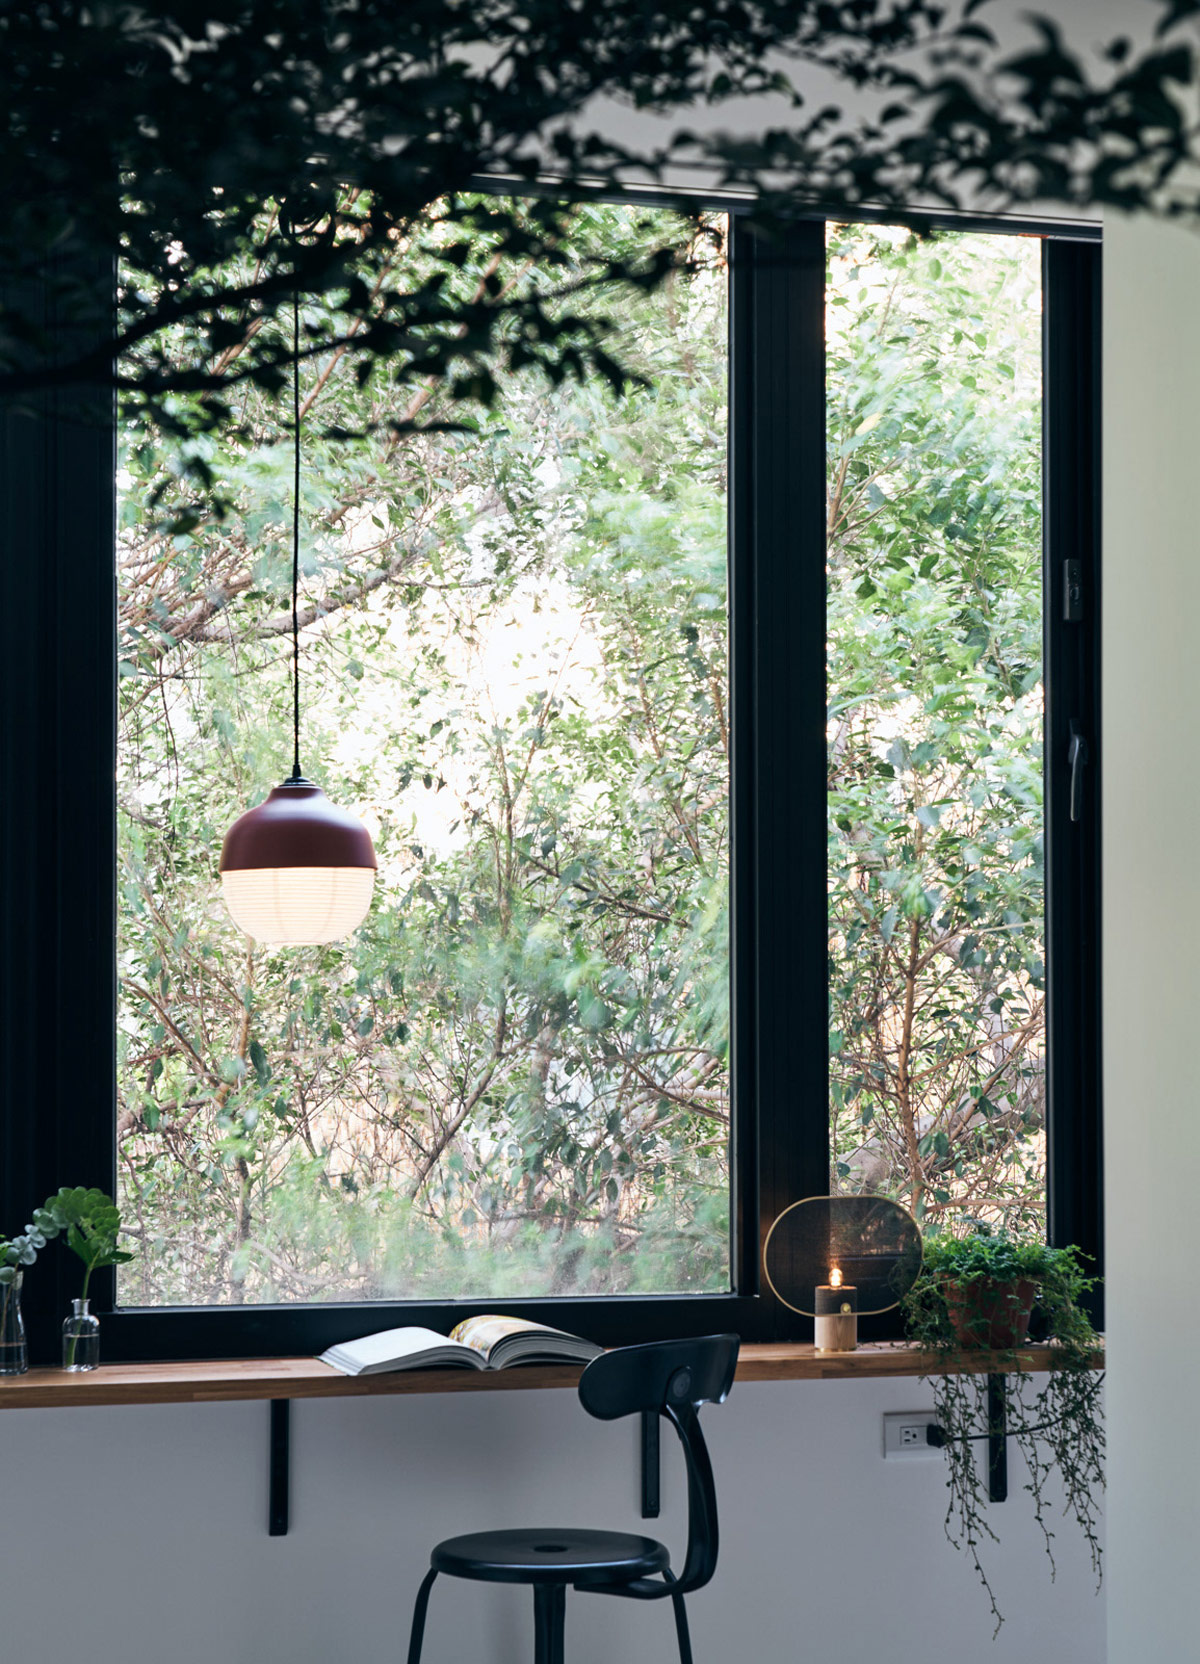 Светлая квартира с деревянными акцентами и зелеными растениями: фотообзор